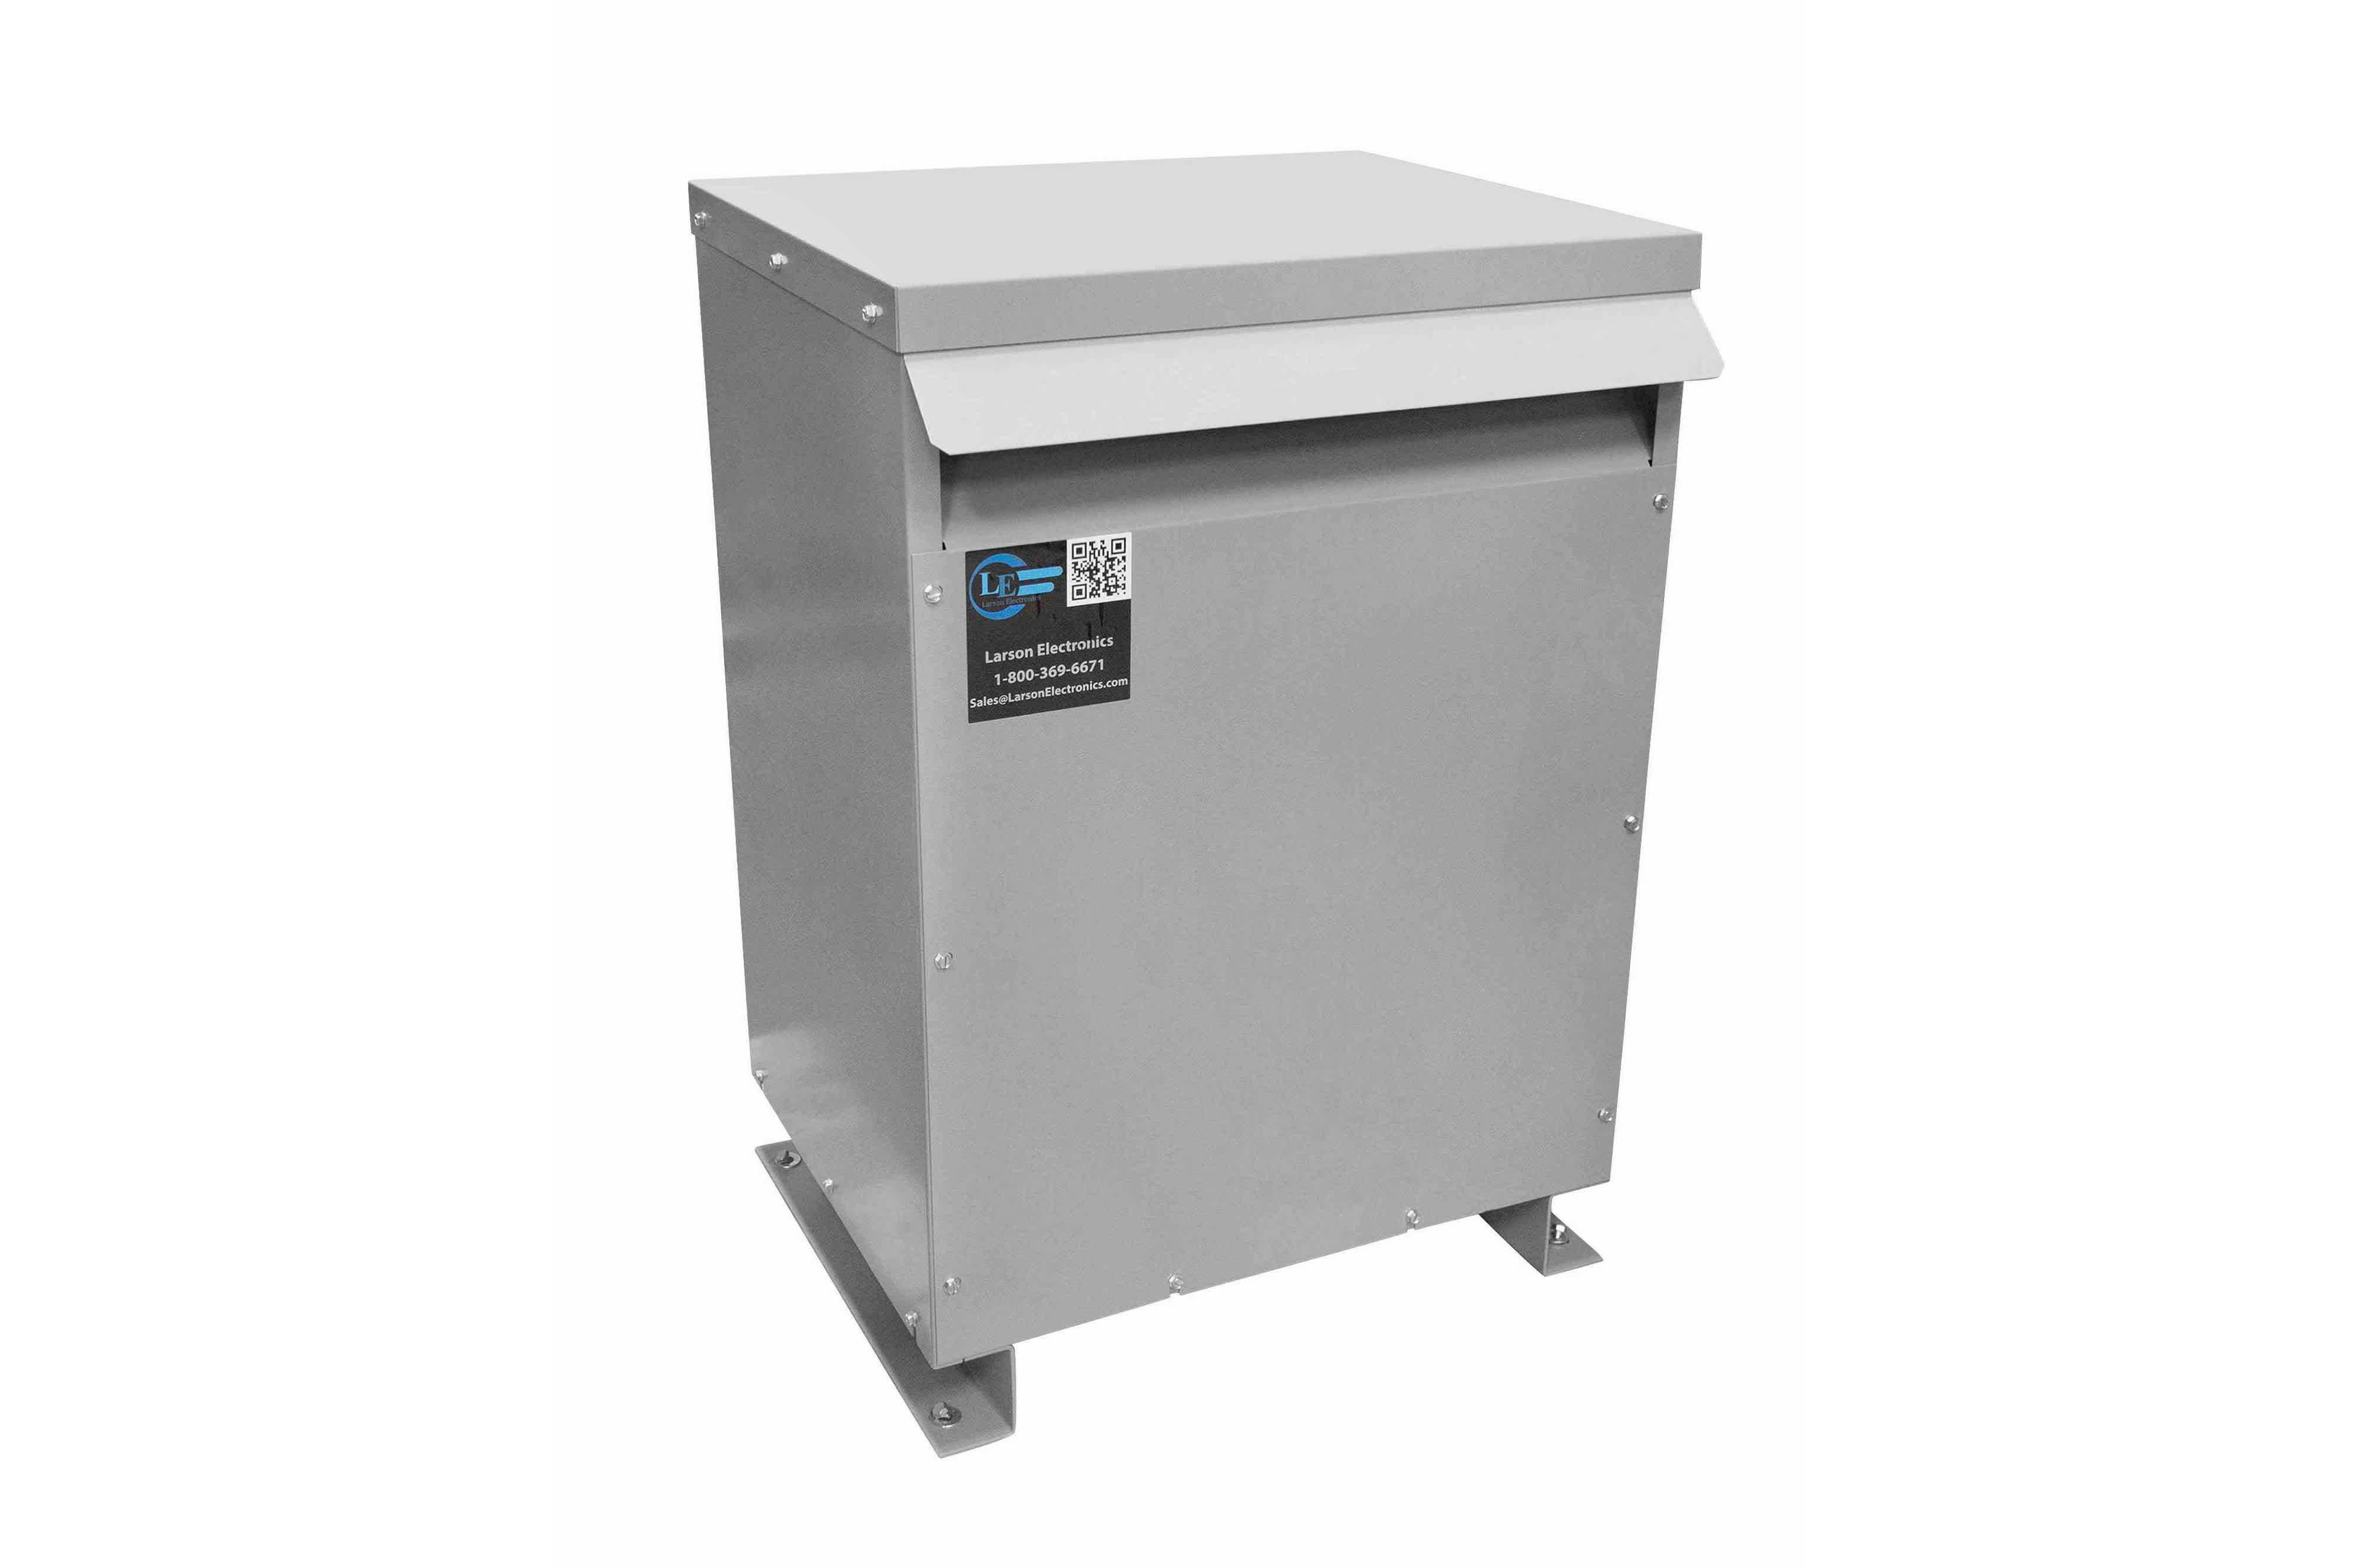 250 kVA 3PH Isolation Transformer, 600V Delta Primary, 240 Delta Secondary, N3R, Ventilated, 60 Hz